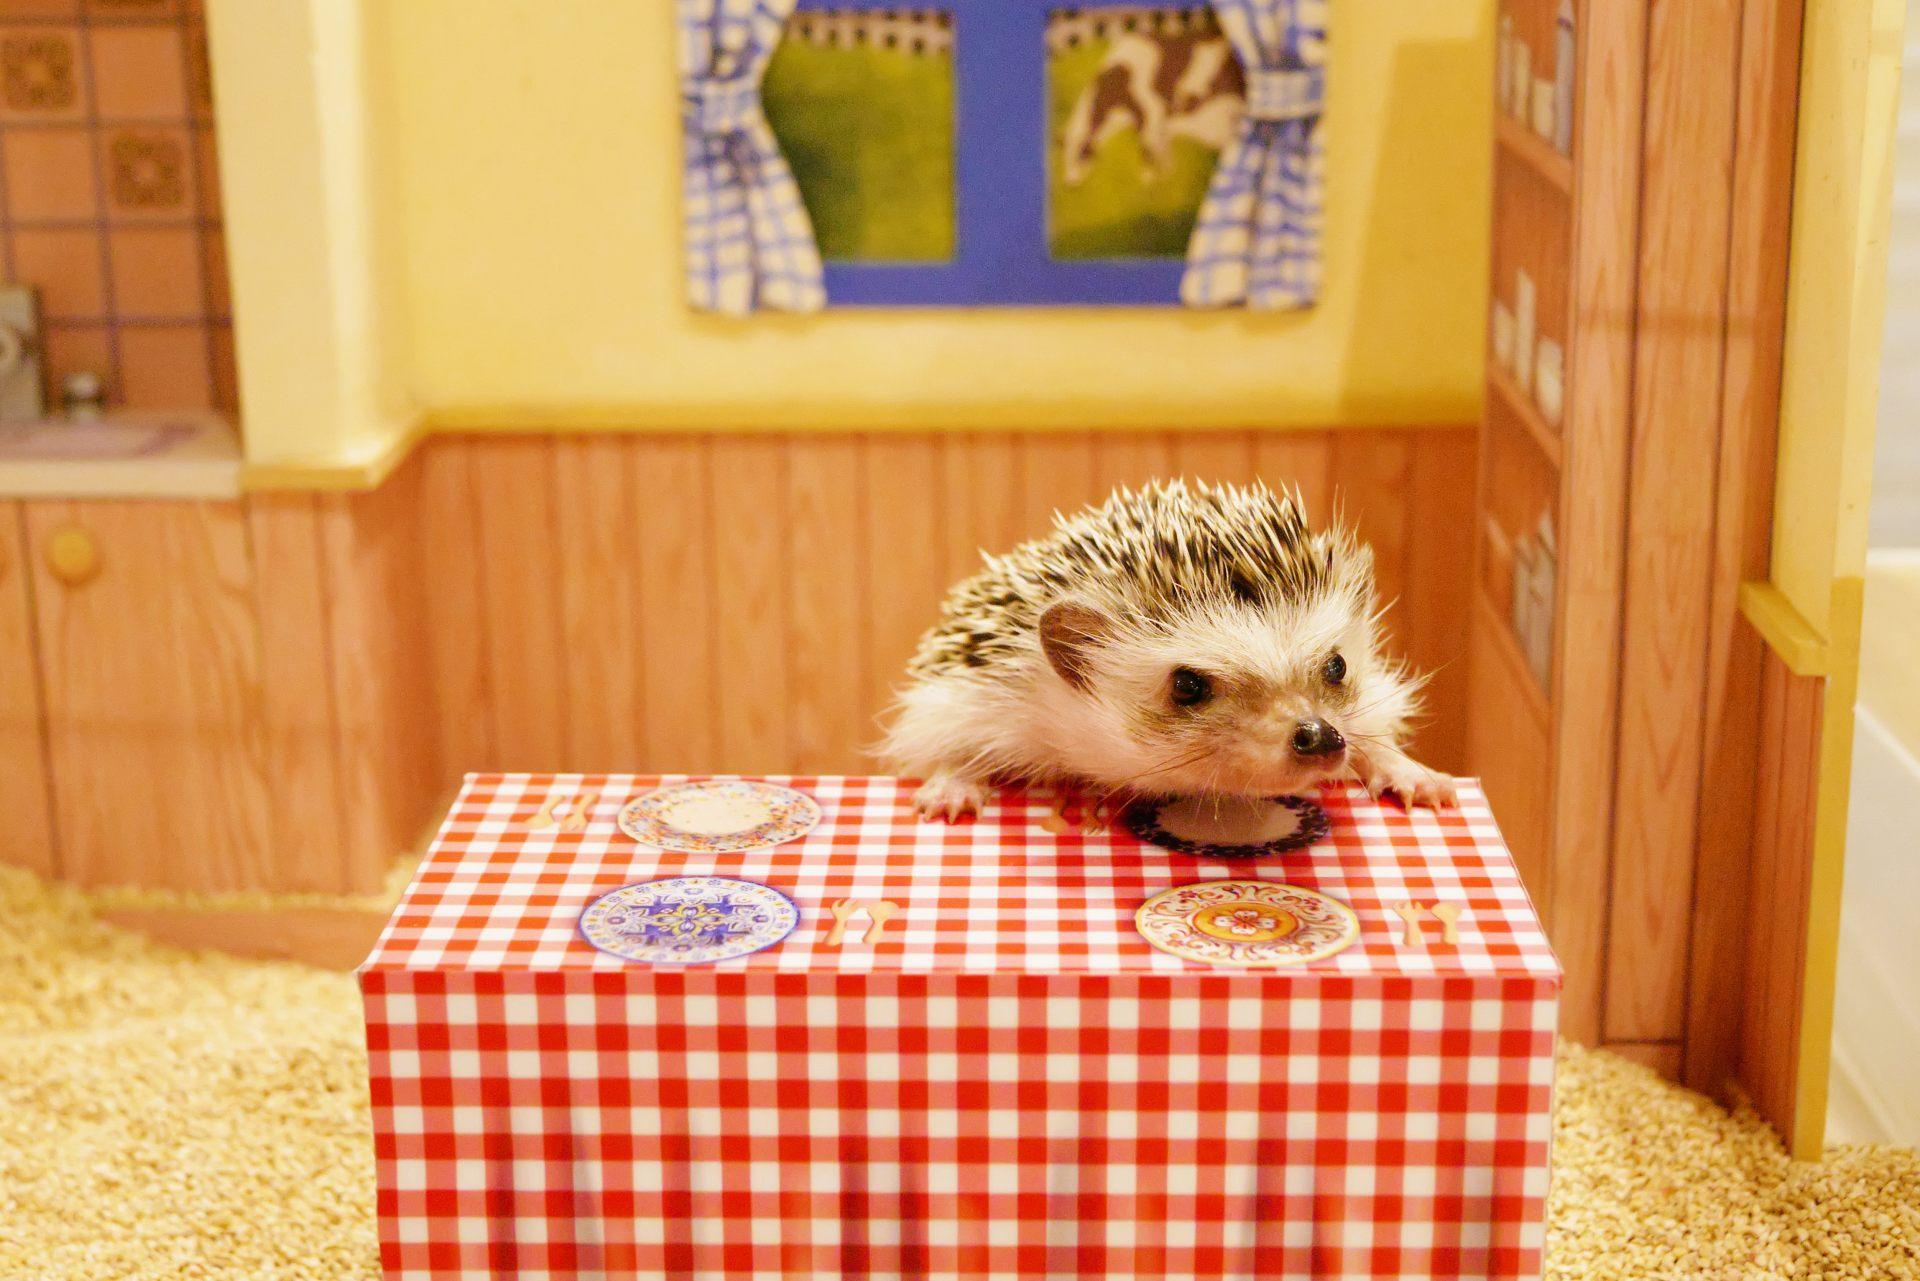 Hedgehog in a Dollhouse